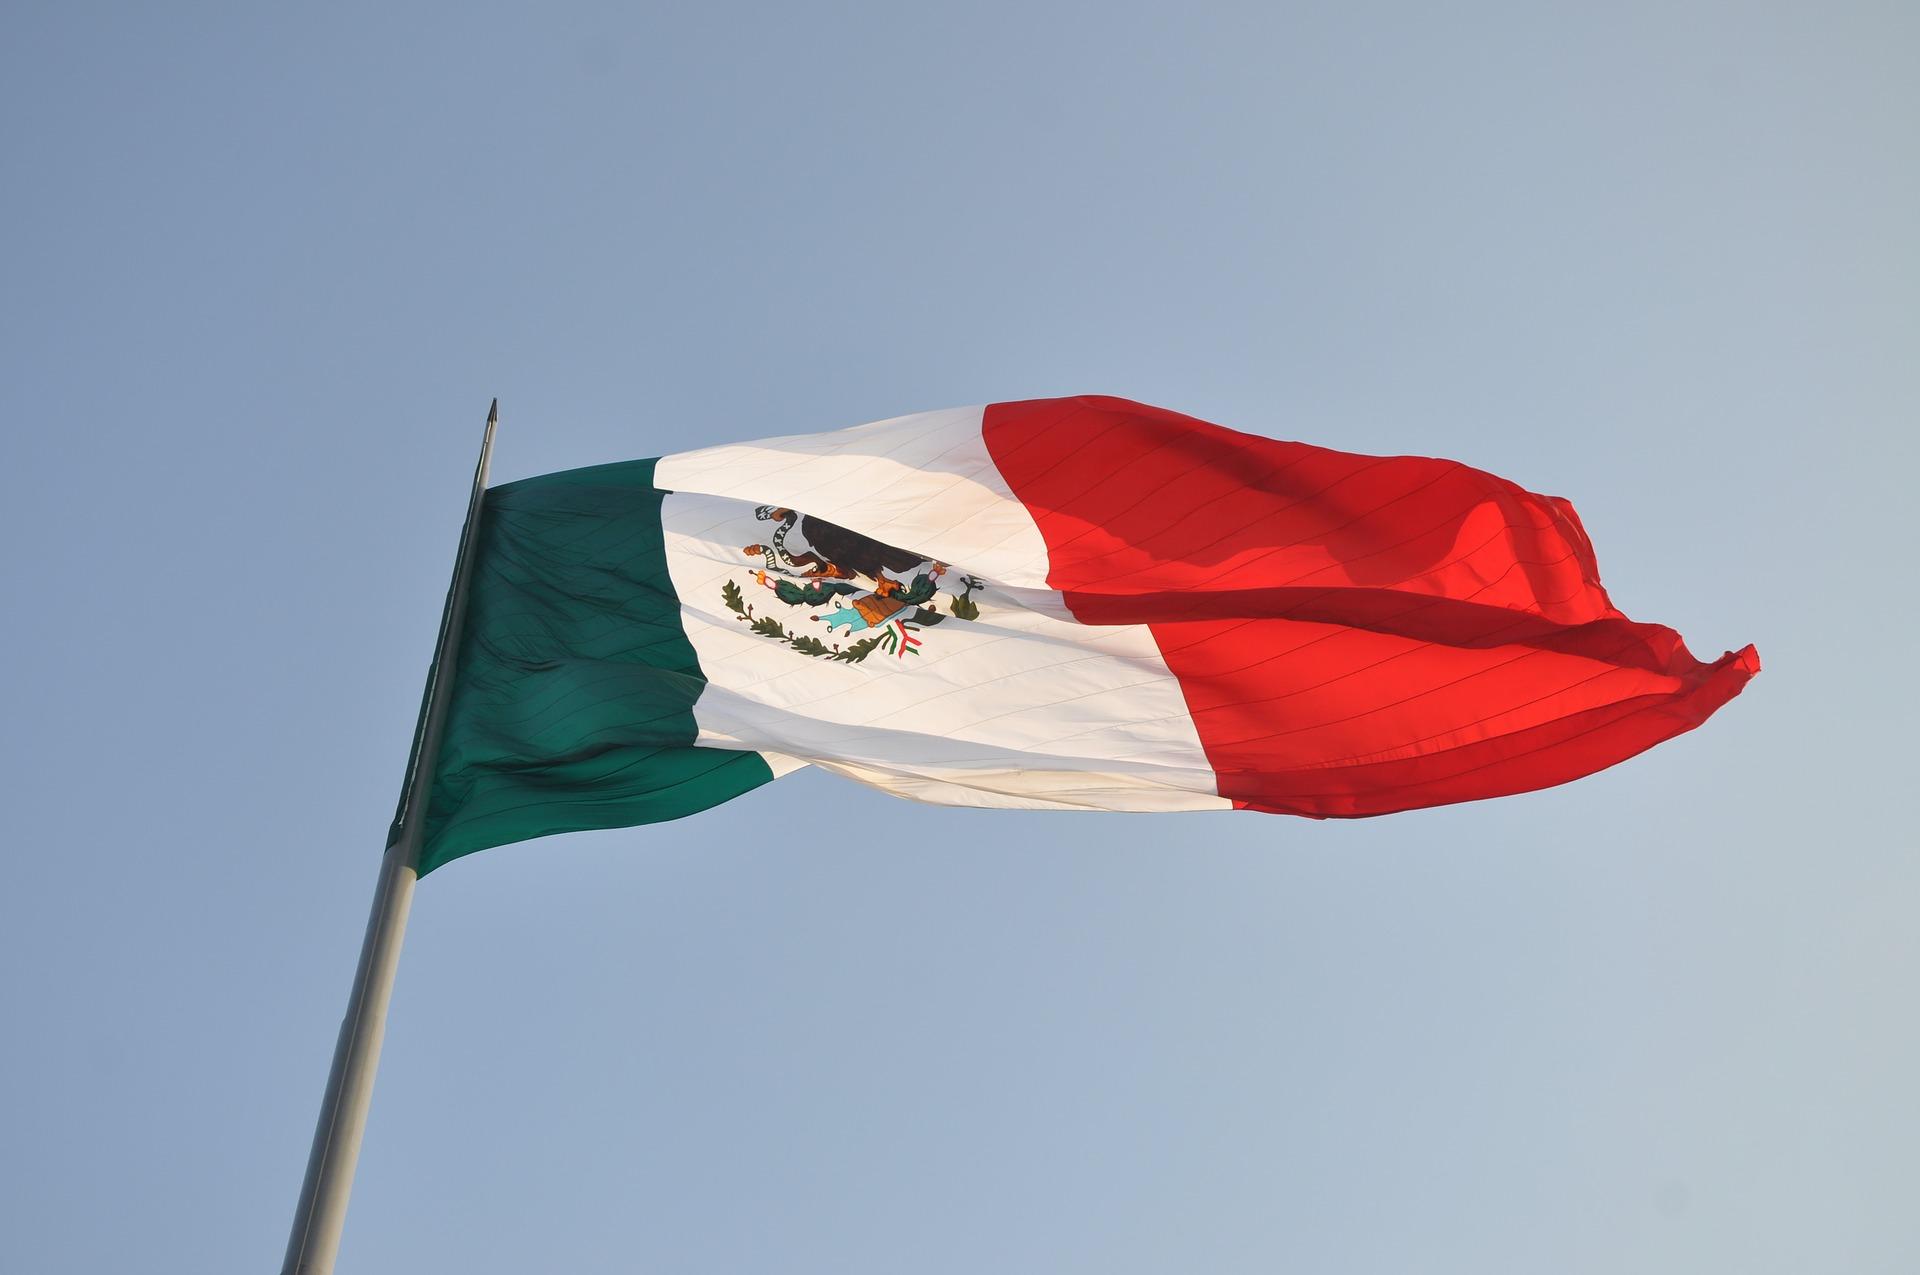 flag 2397121 1920 jpg?N2HJkw1bJcJy5IYmuWarEFHTSAw0UsQC.